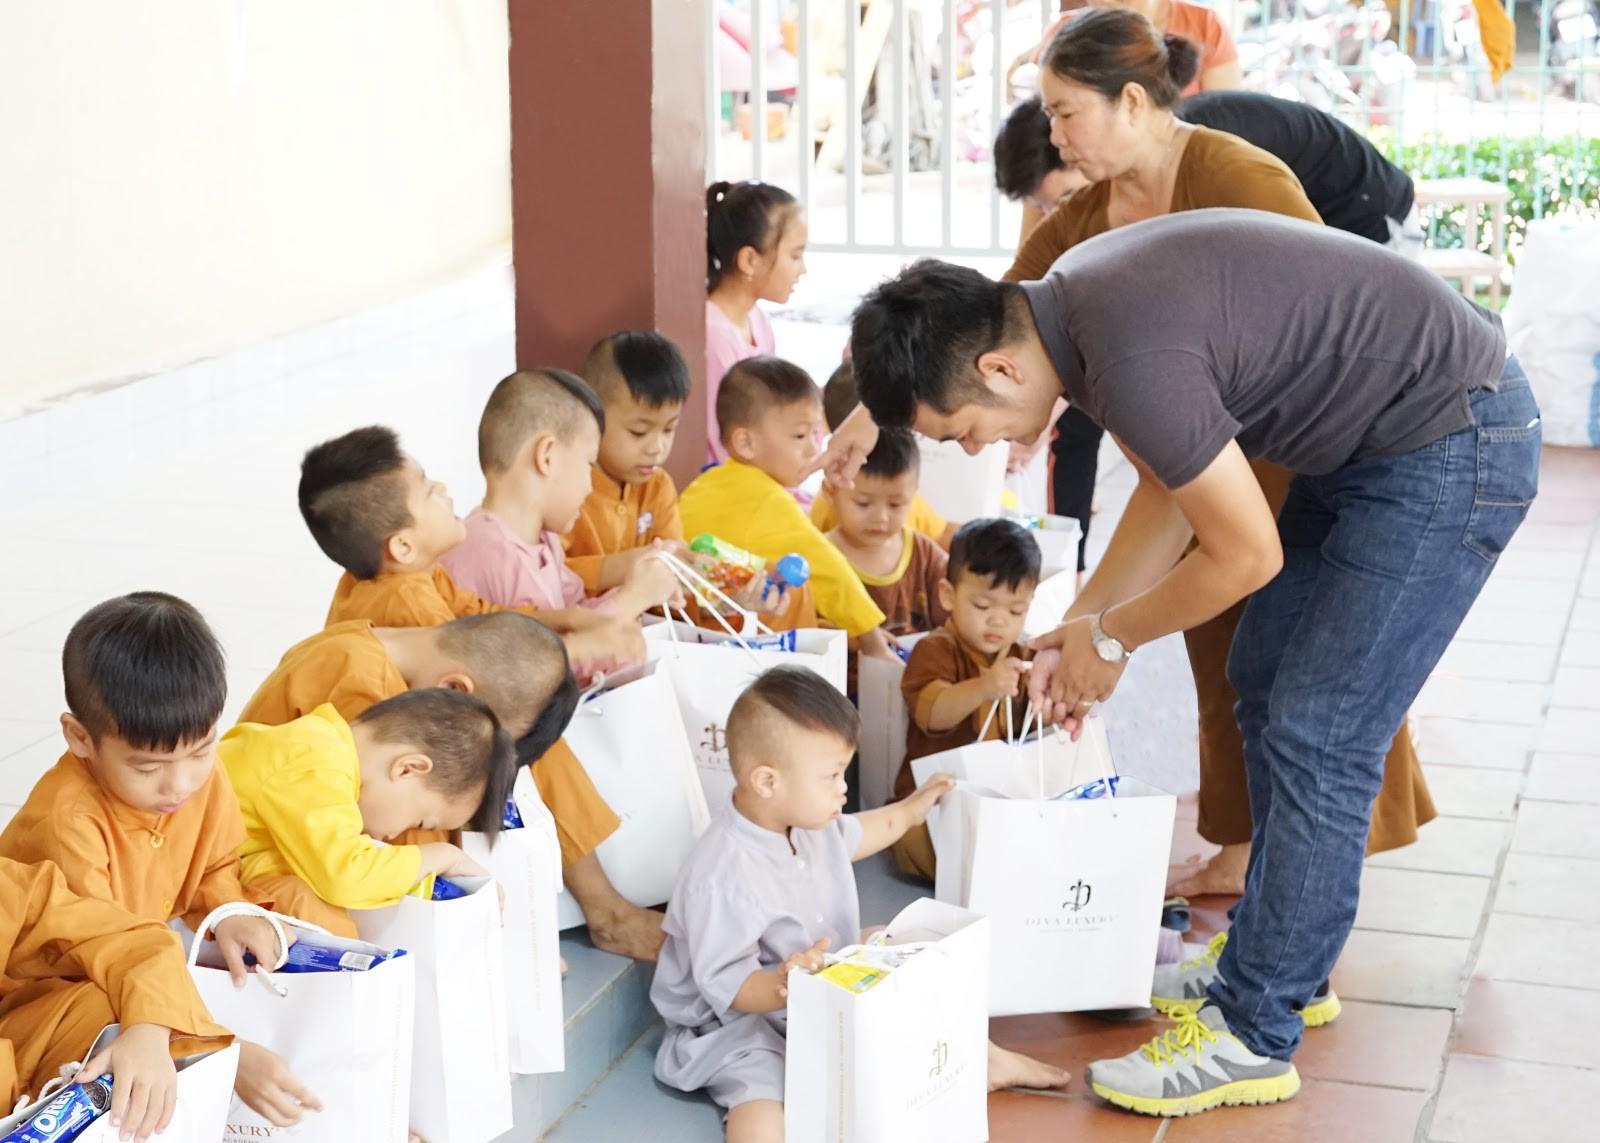 Viện thẩm mỹ DIVA tặng quà cho trẻ em mồ côi tại chùa Pháp Tánh - Ảnh 2.